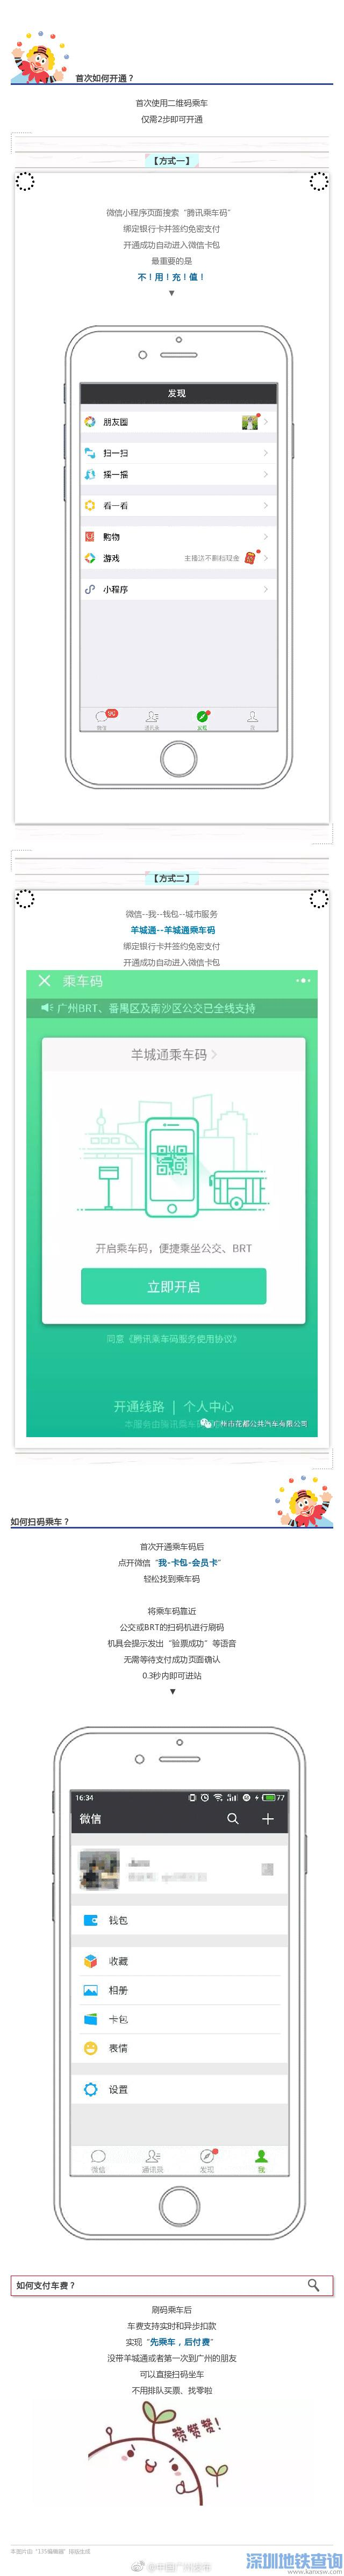 广州公交用微信扫码乘车图文教程最新